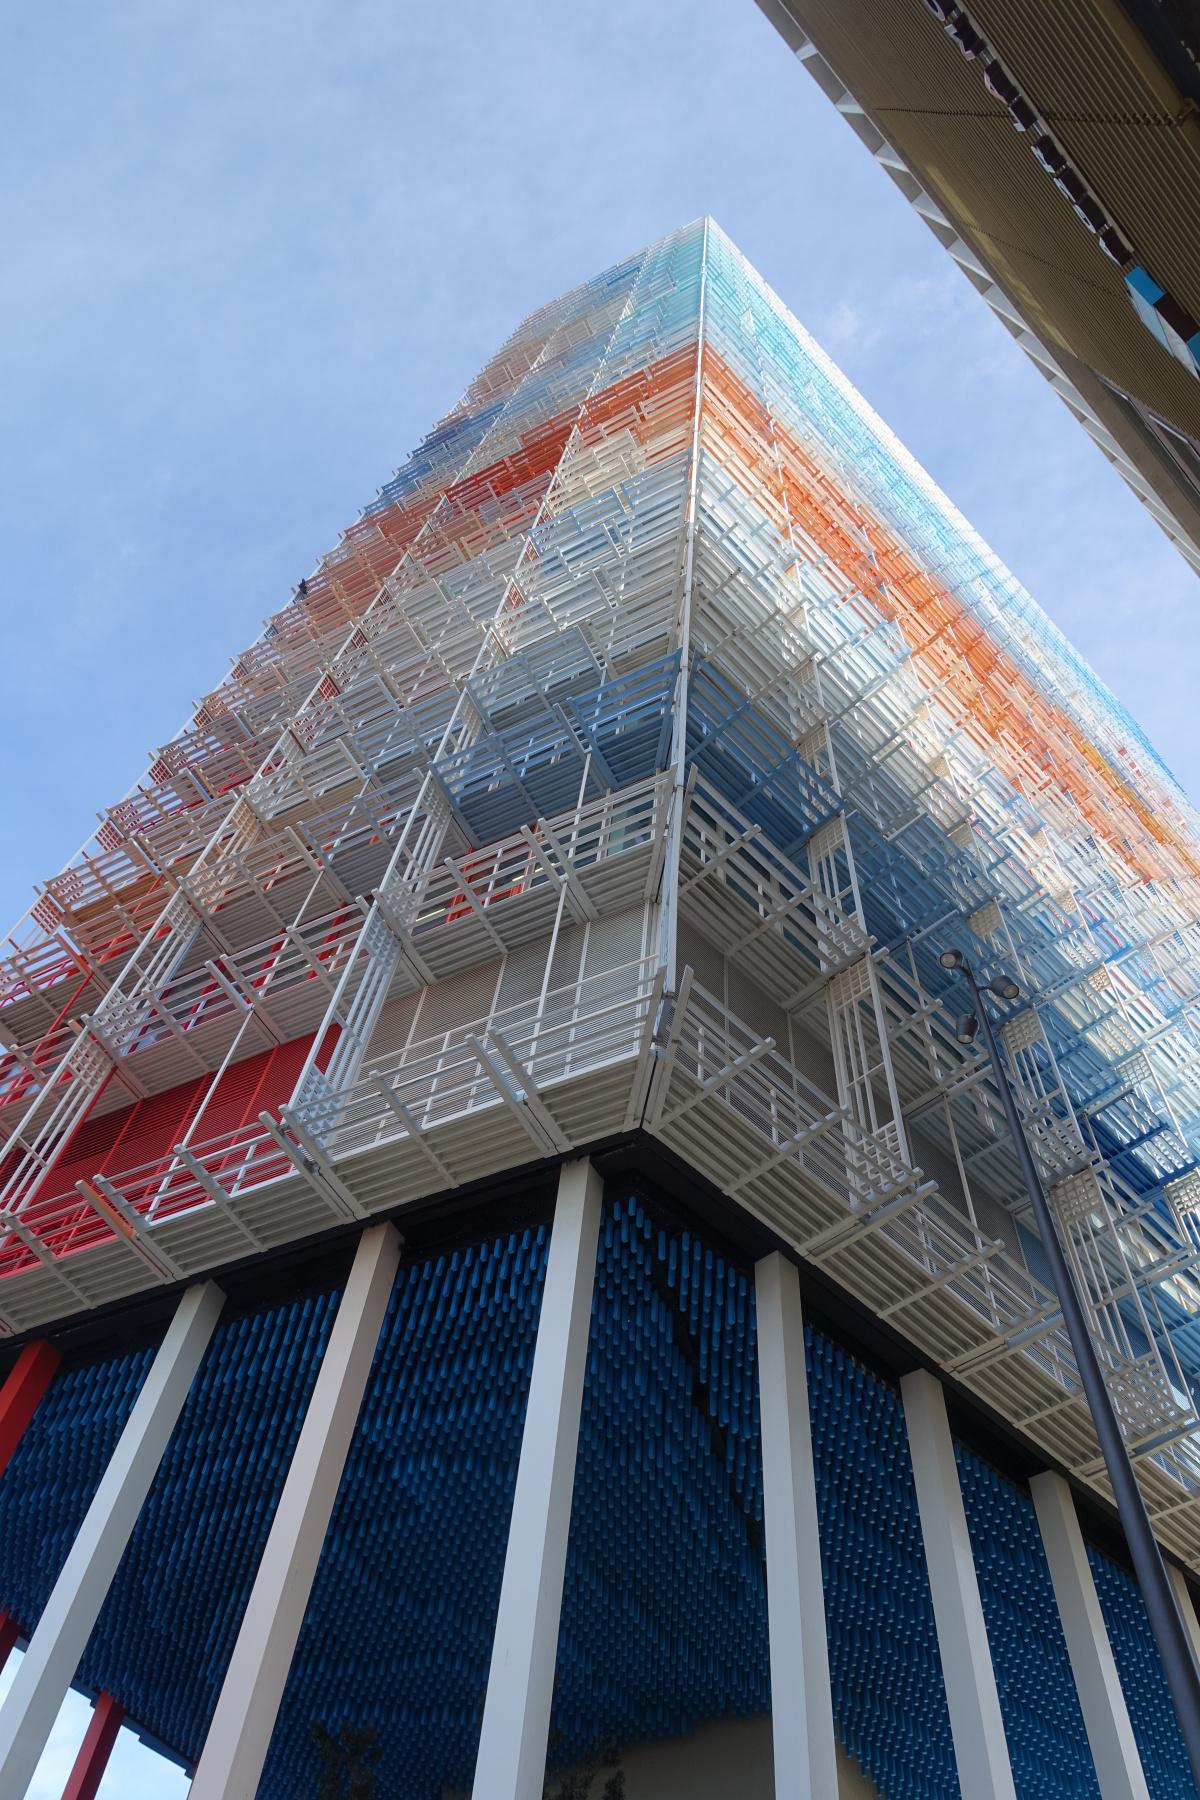 コルビュジエから隈研吾まで、南仏マルセイユの近現代建築とデザインを巡る。